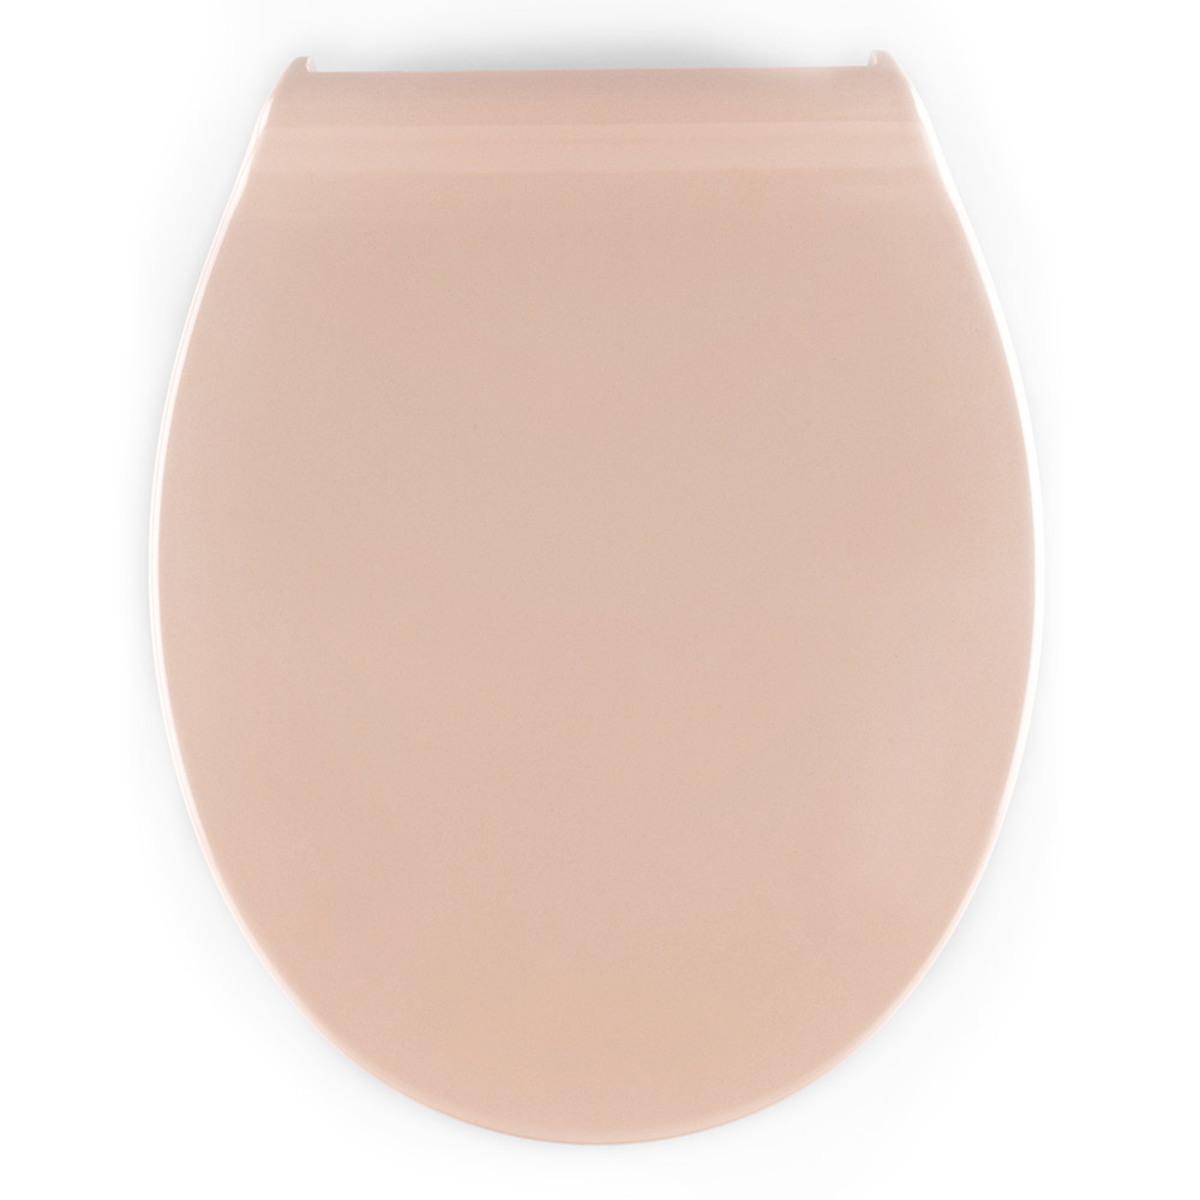 Bild 1 von badkomfort WC-Sitz Slim - Beige